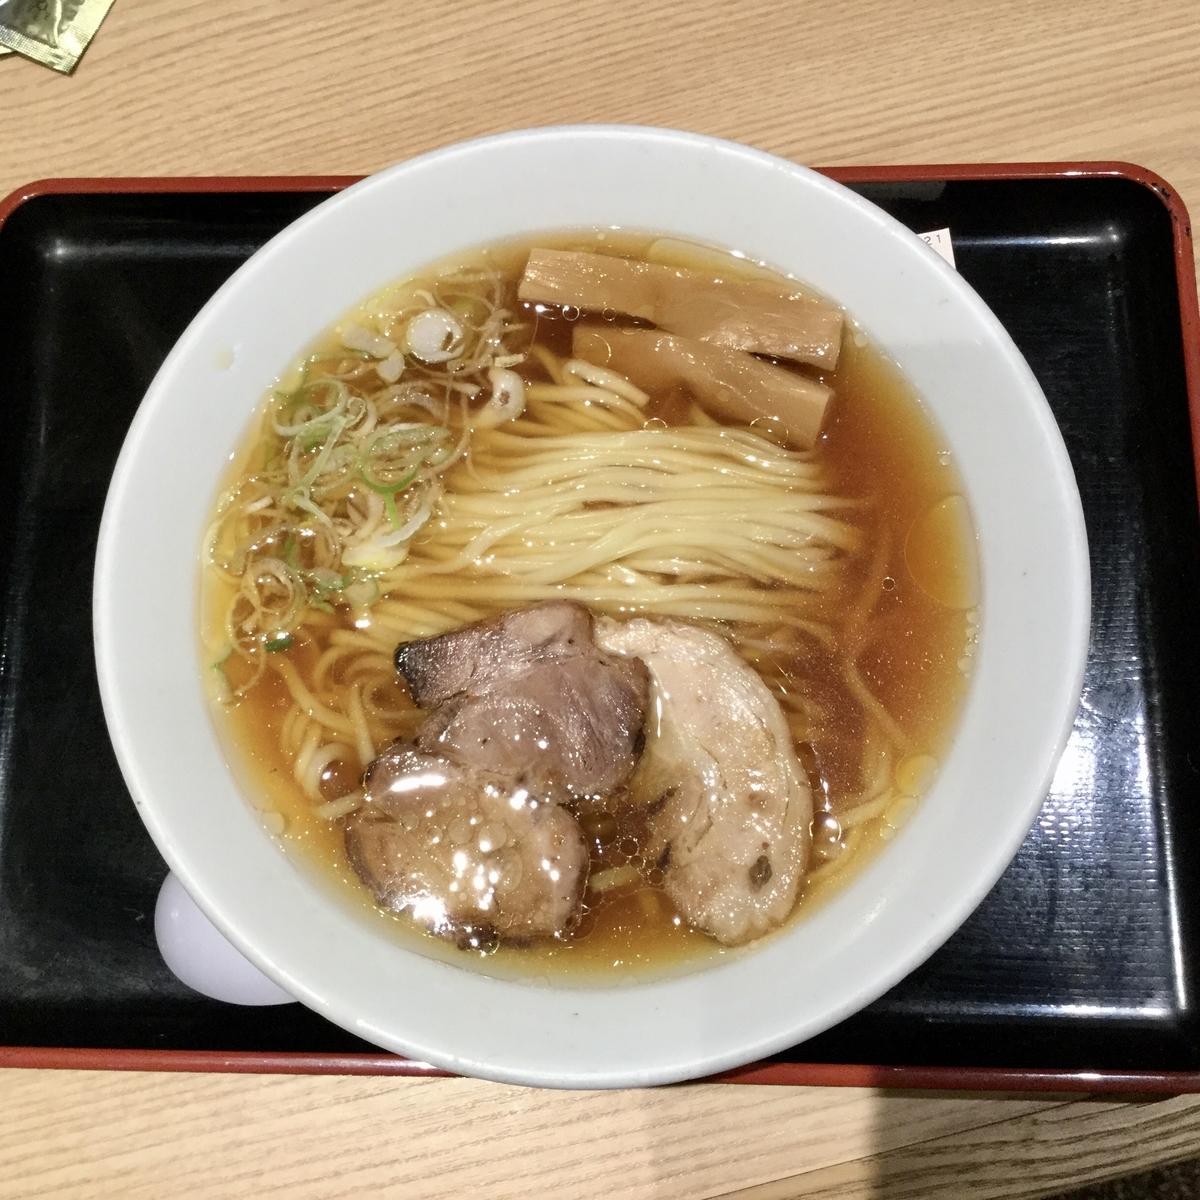 f:id:yumeusagiyukiusagi:20191212110015j:plain